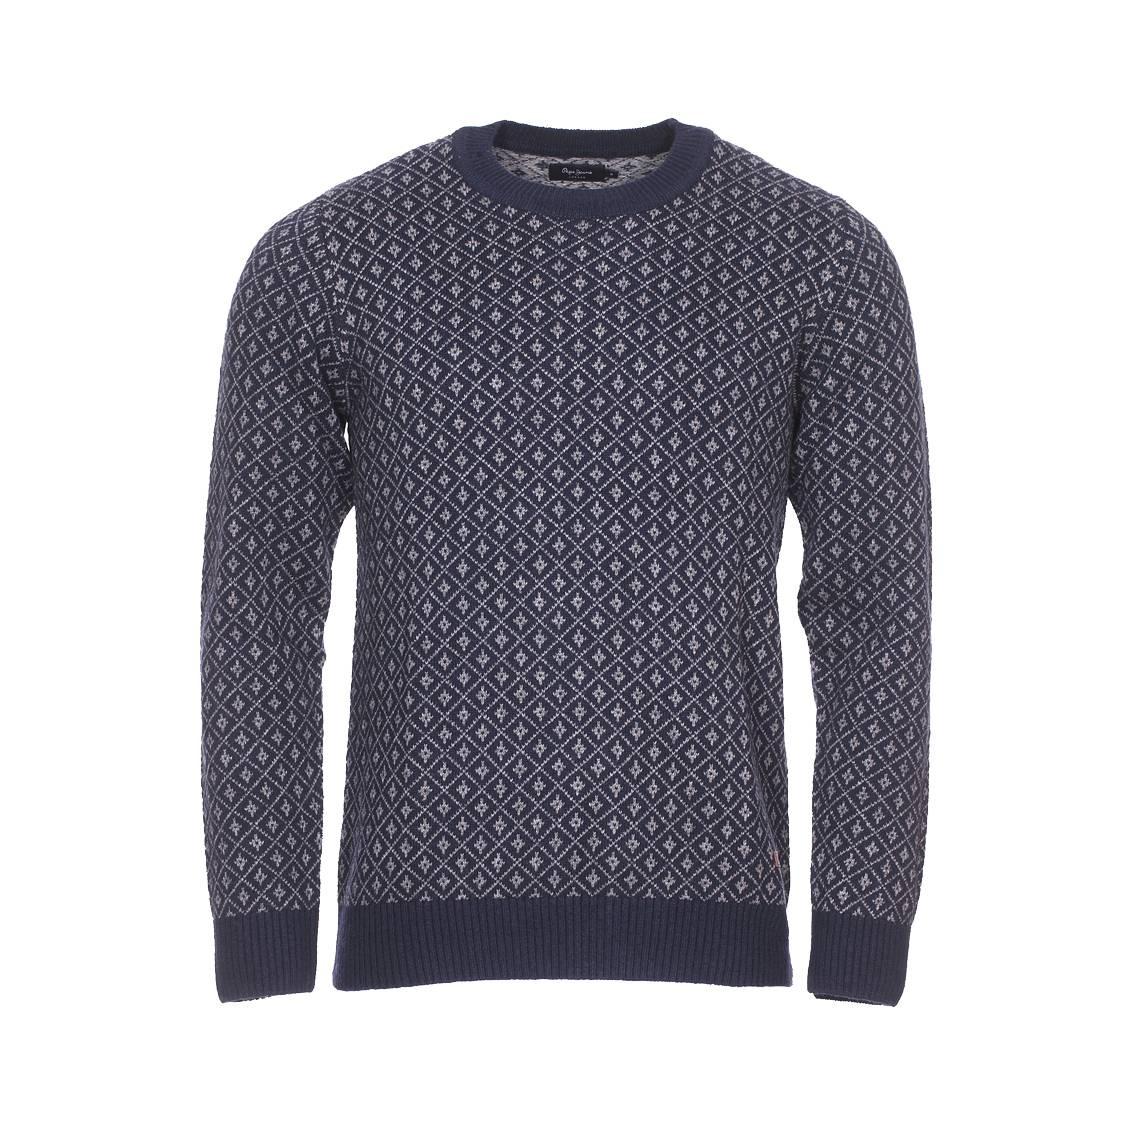 Pull col rond  dean en laine mélangée bleu marine à motif fantaisie gris foncé